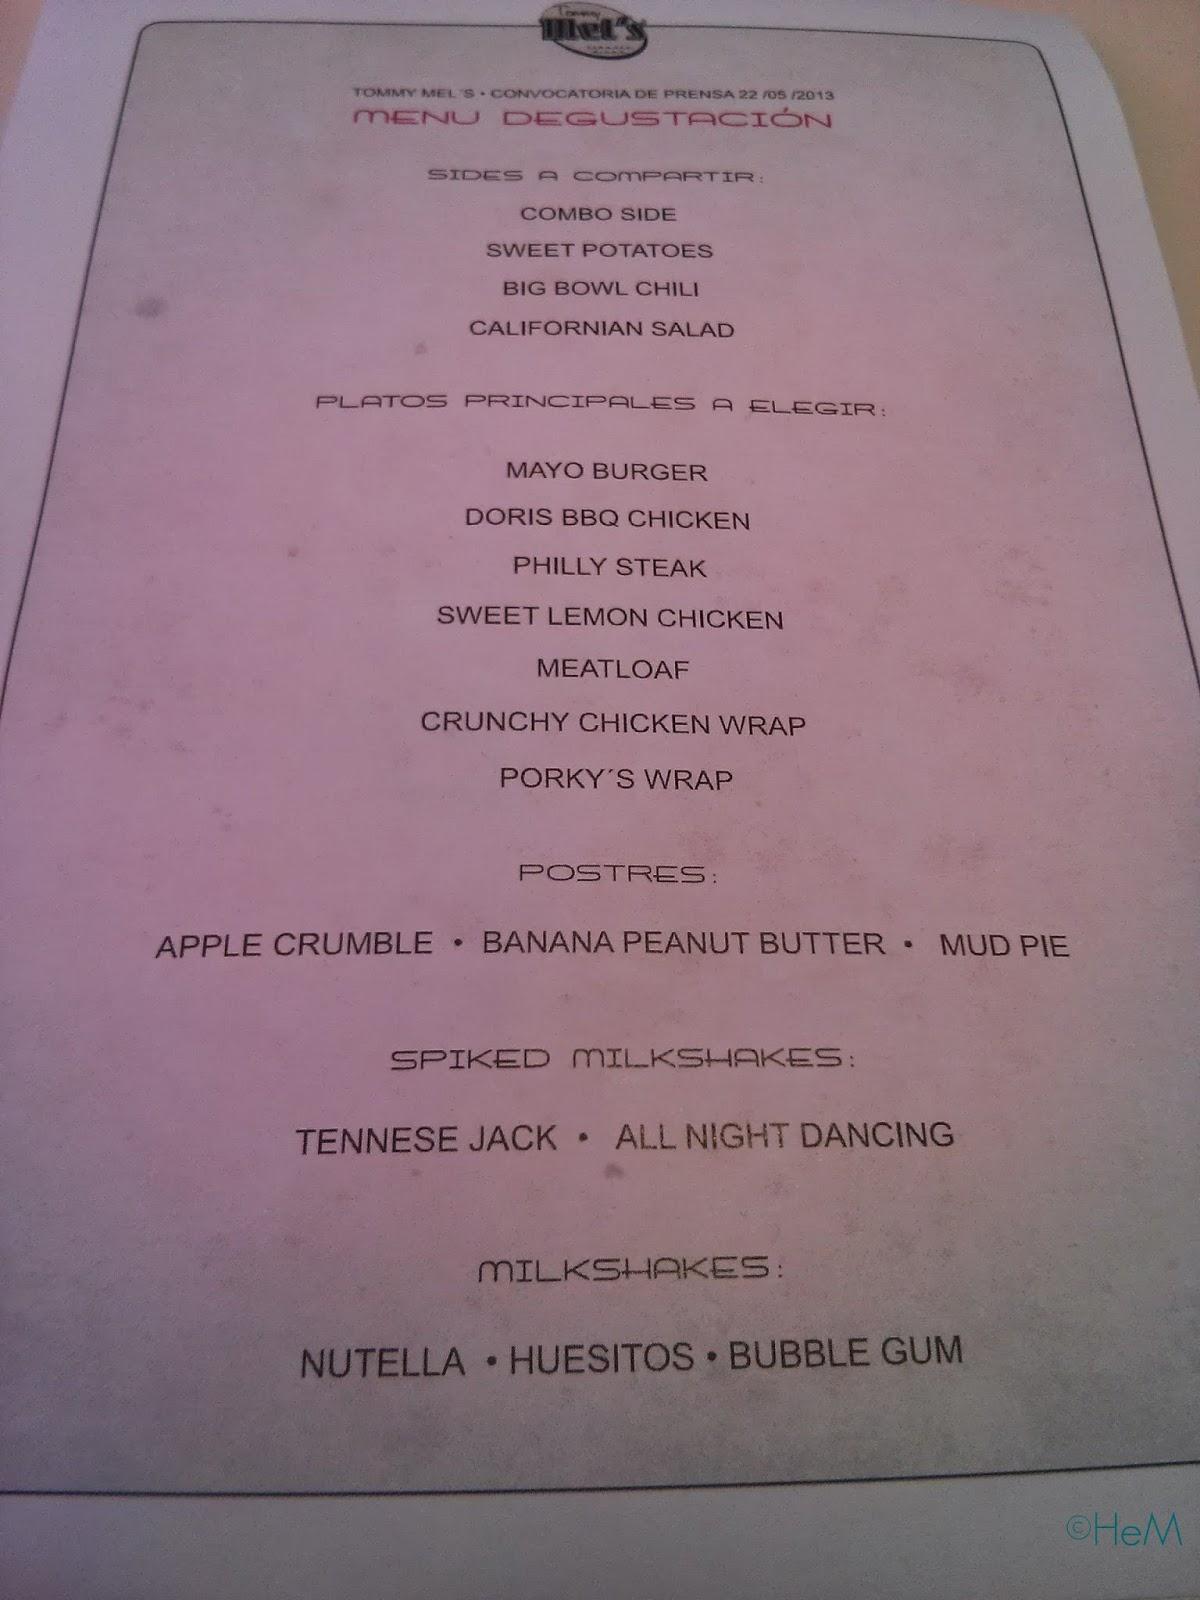 INAUGURACIÓN: asistimos a la apertura del nuevo Tommy Mel's de la Puerta del Sol.